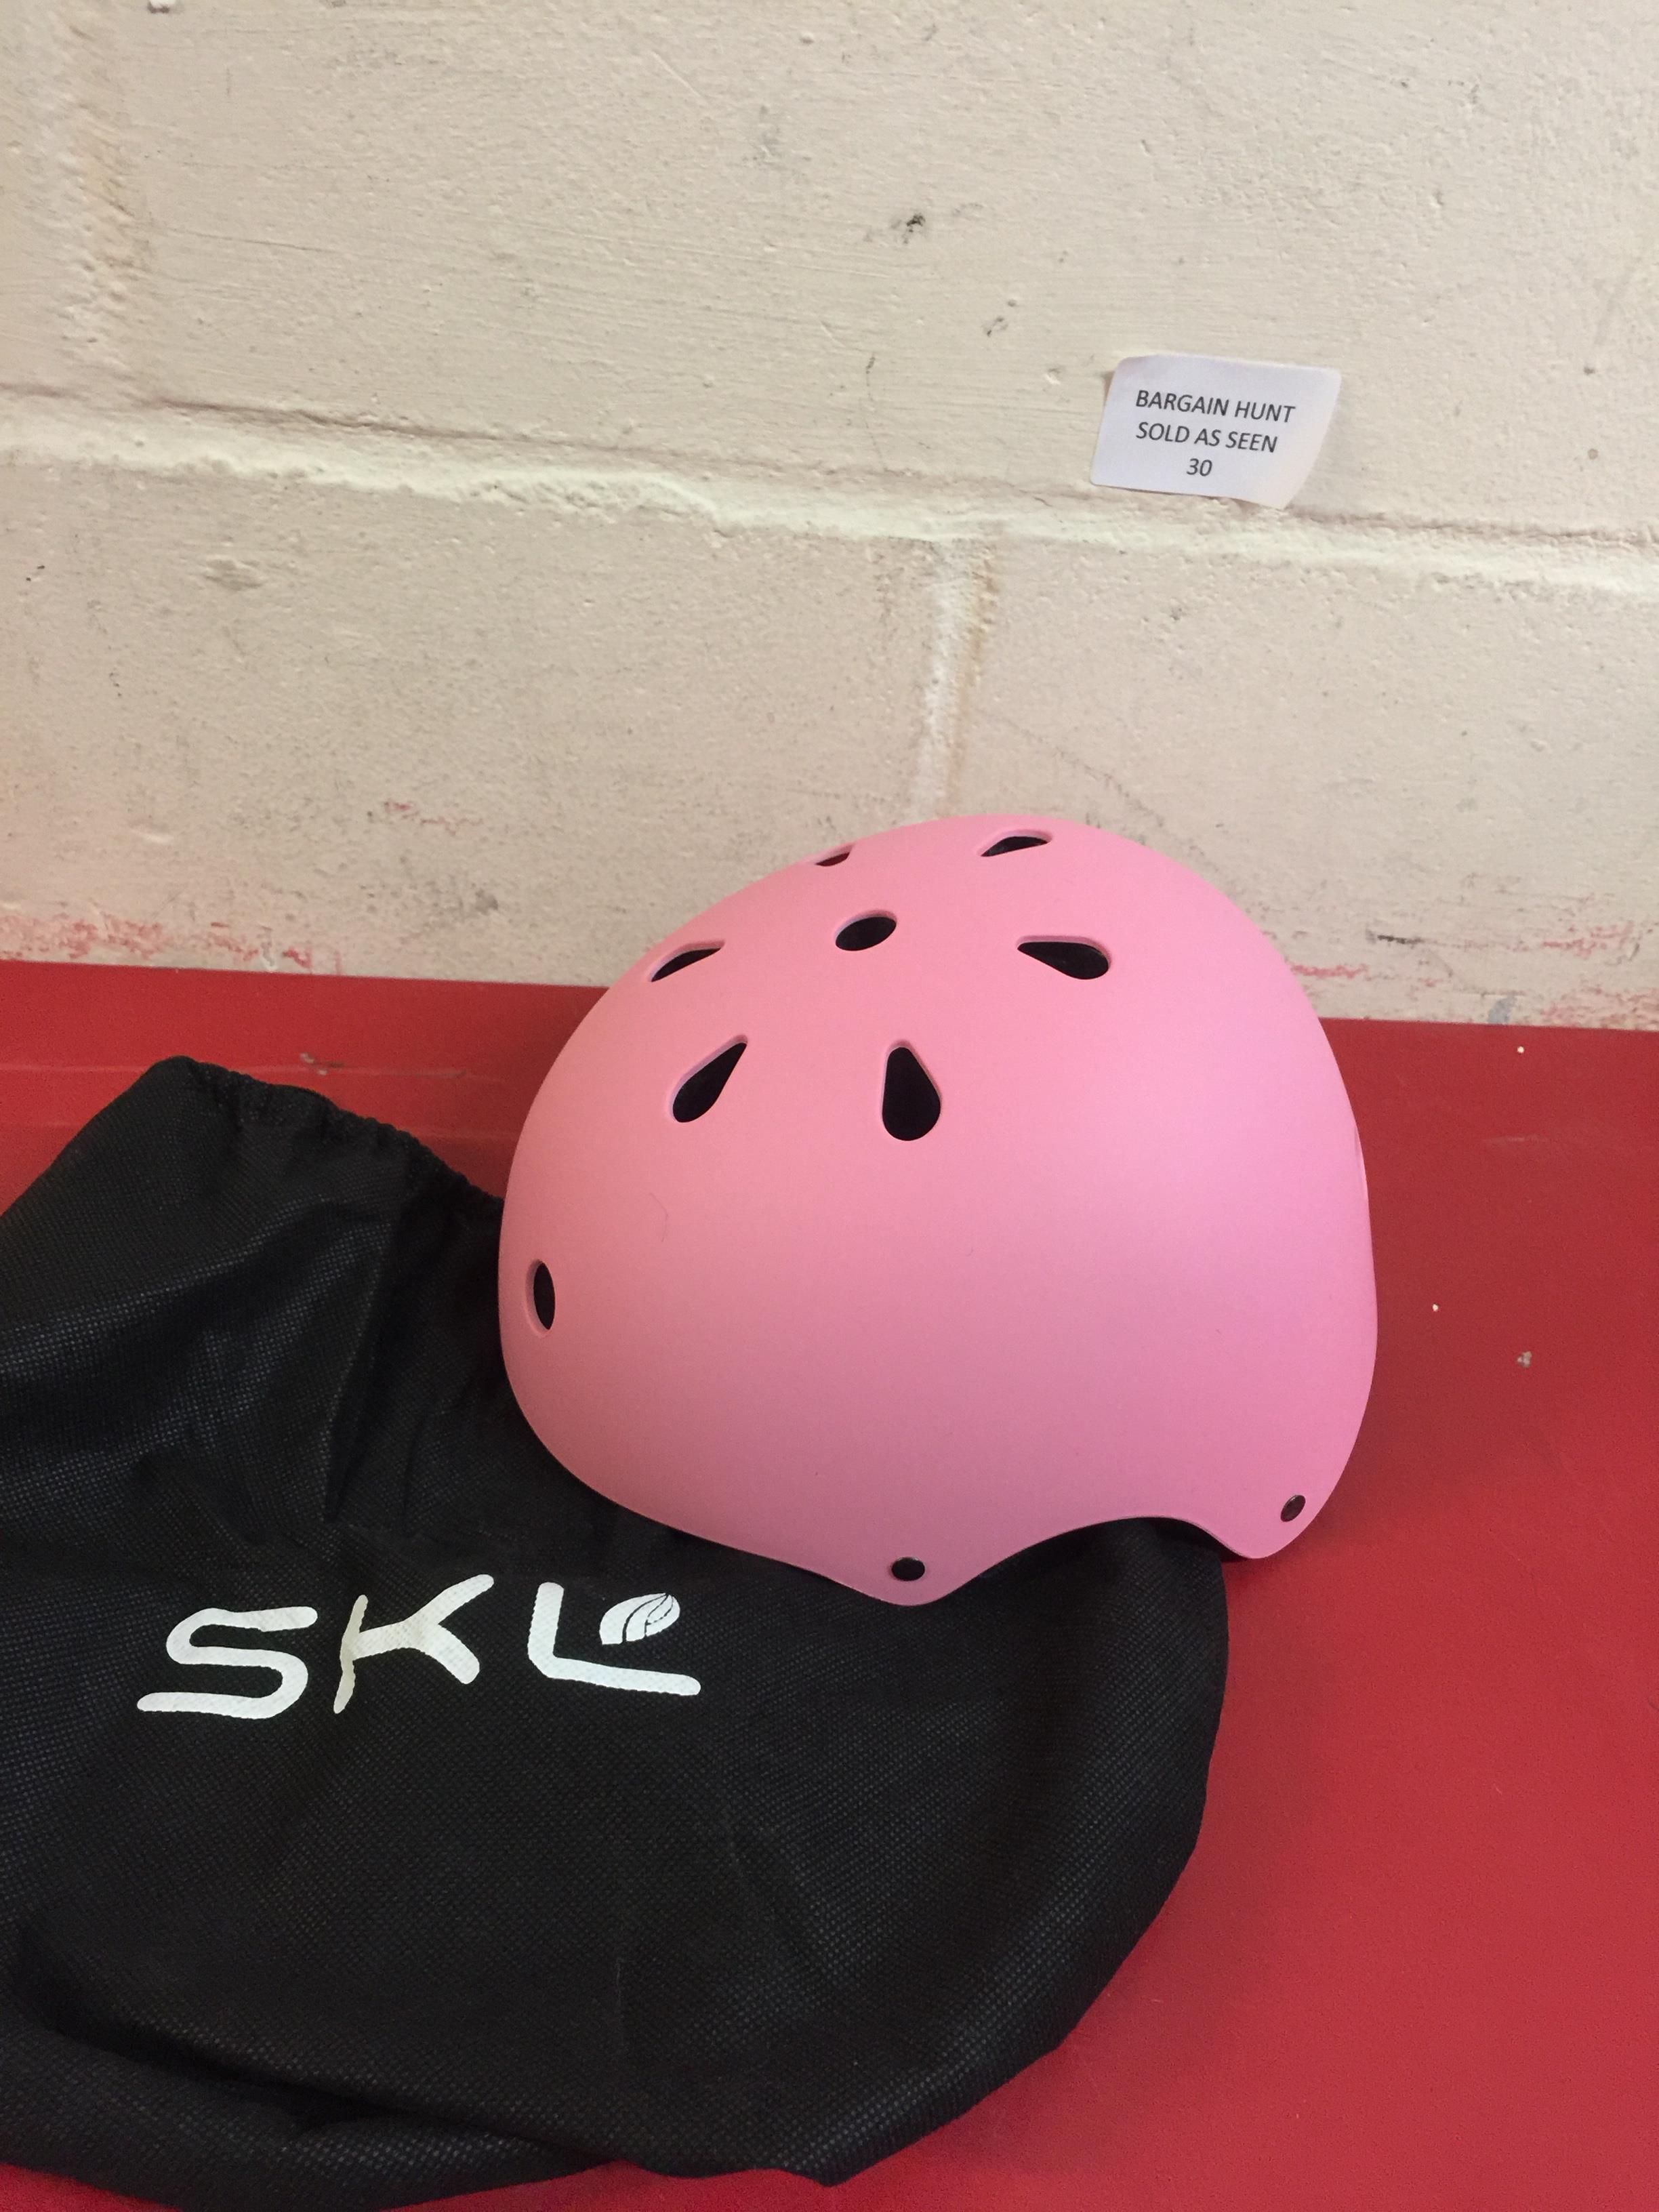 Lot 30 - SKL Kids Scooter Helmet Skateboard Helmet for Toddler